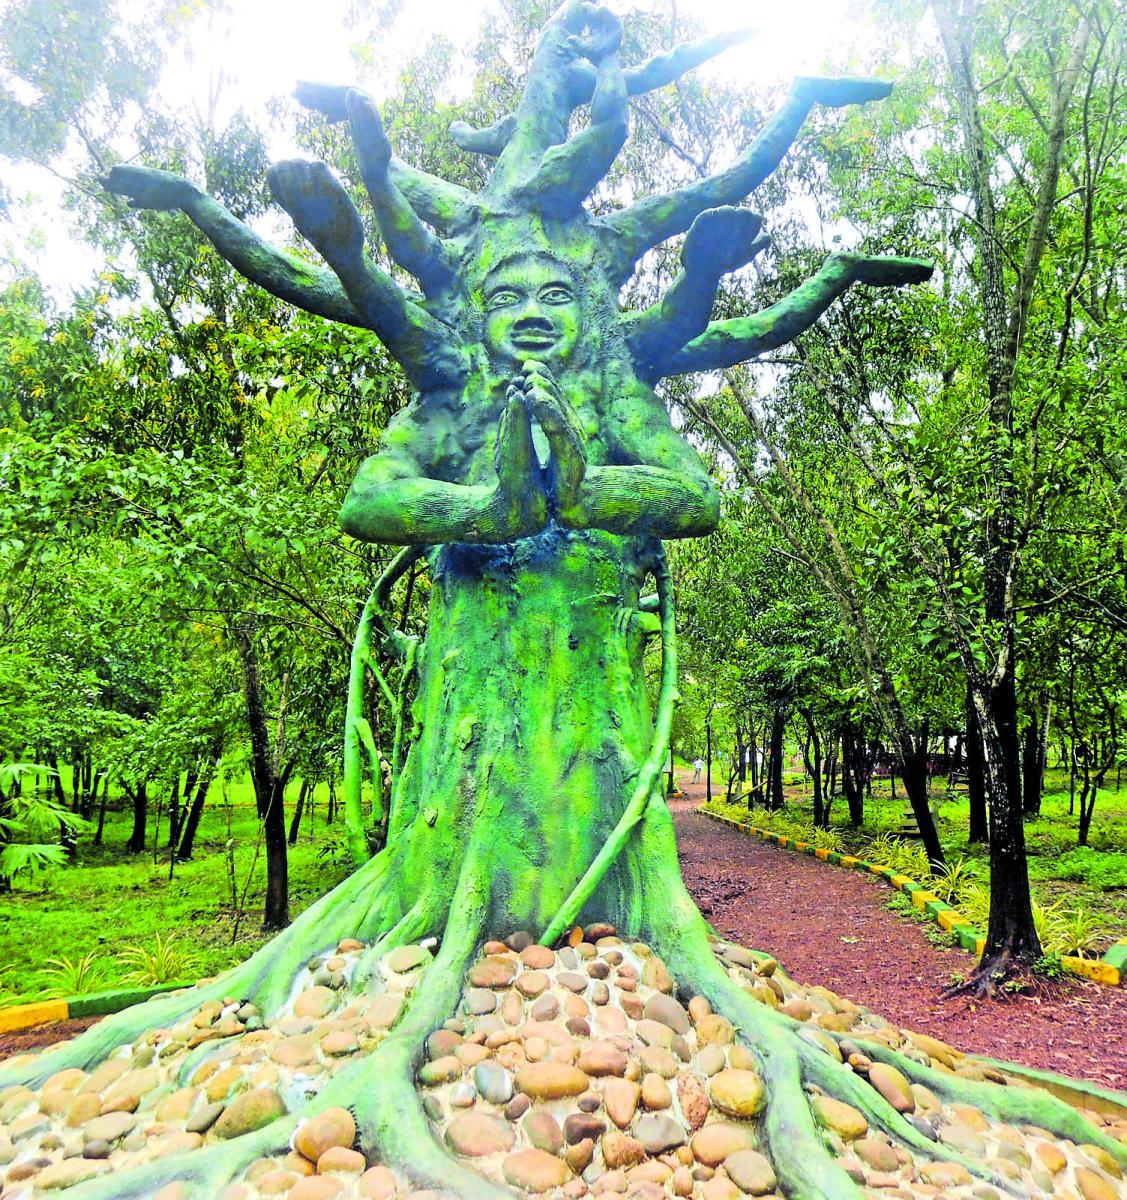 The in 'Tree Park' in Udupi.